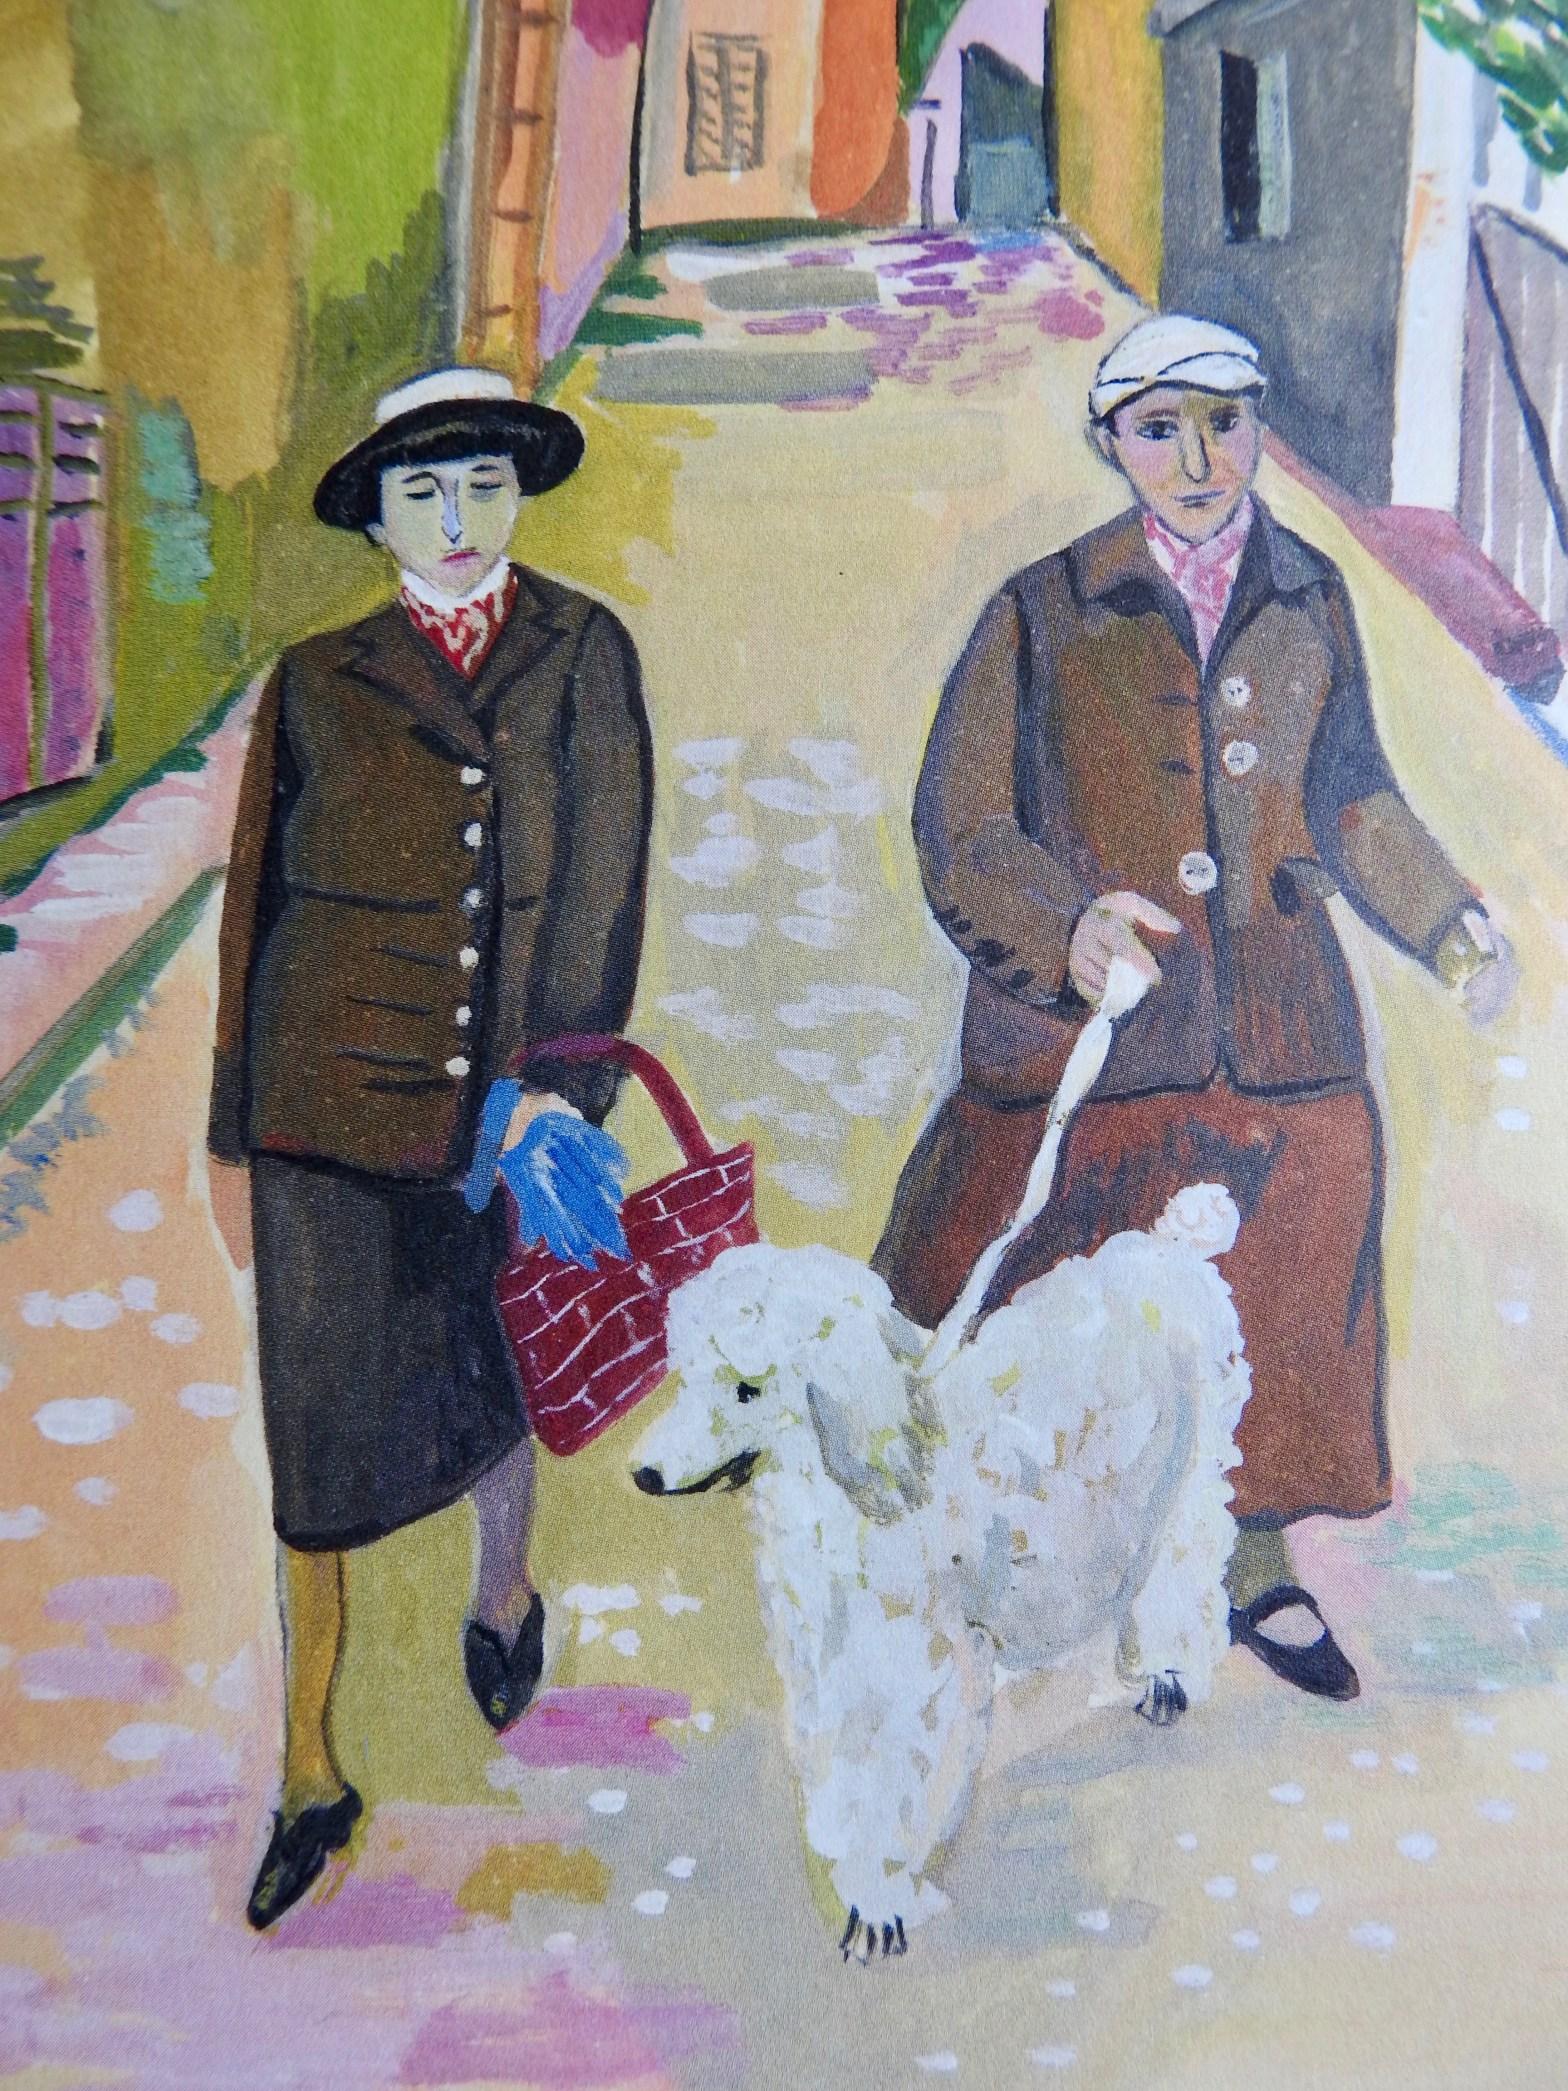 Gertrude Stein and Alice B. Toklas in Paris – just around the corner – The  Paris Residences of James Joyce